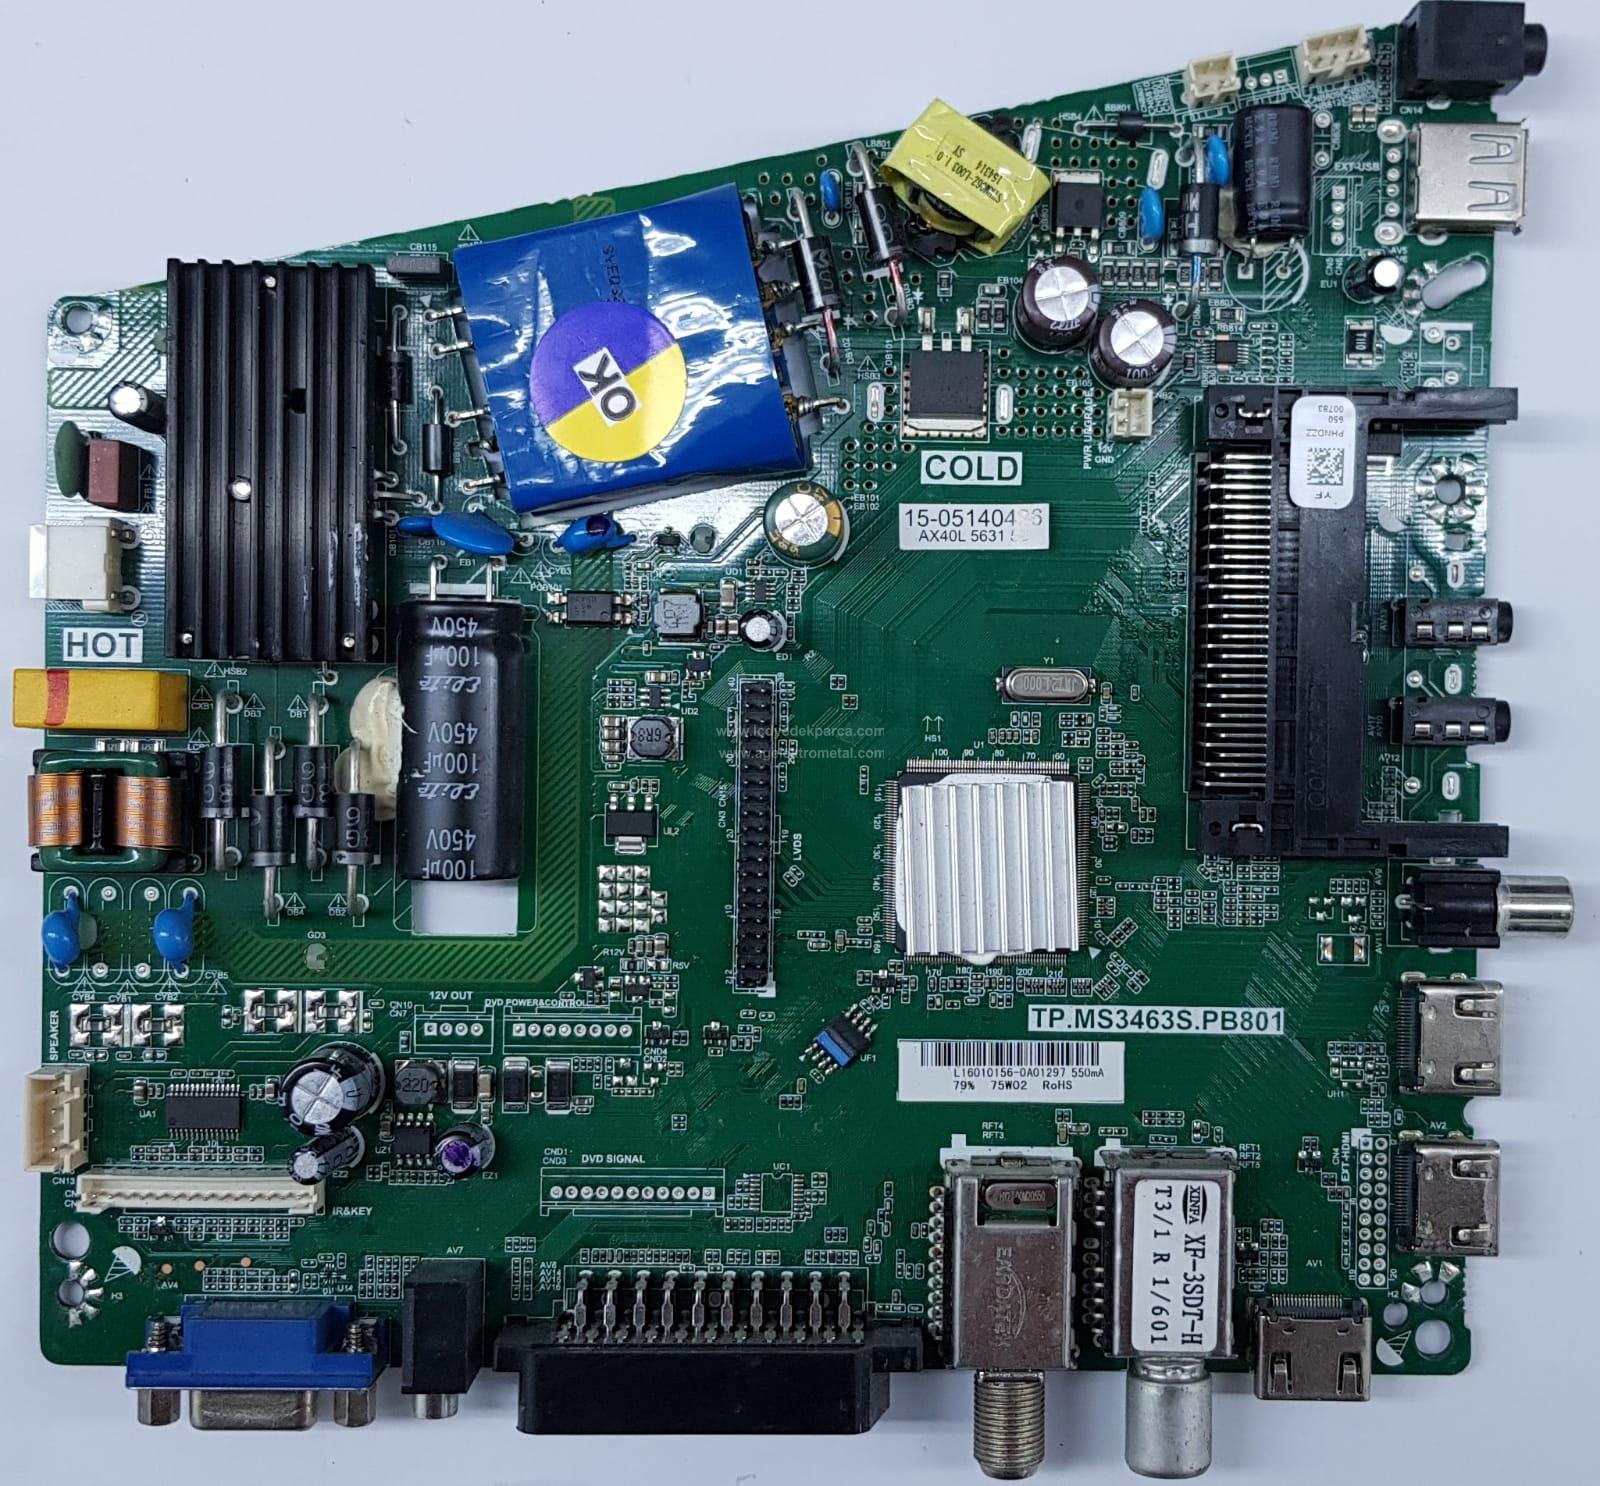 TP.MS3463S.PB801 , PHNDZZ , ALTUS , LSC400HN02 , 40N06-L-DPX1F1 , AL40K46311B , Main Board , Ana Kart